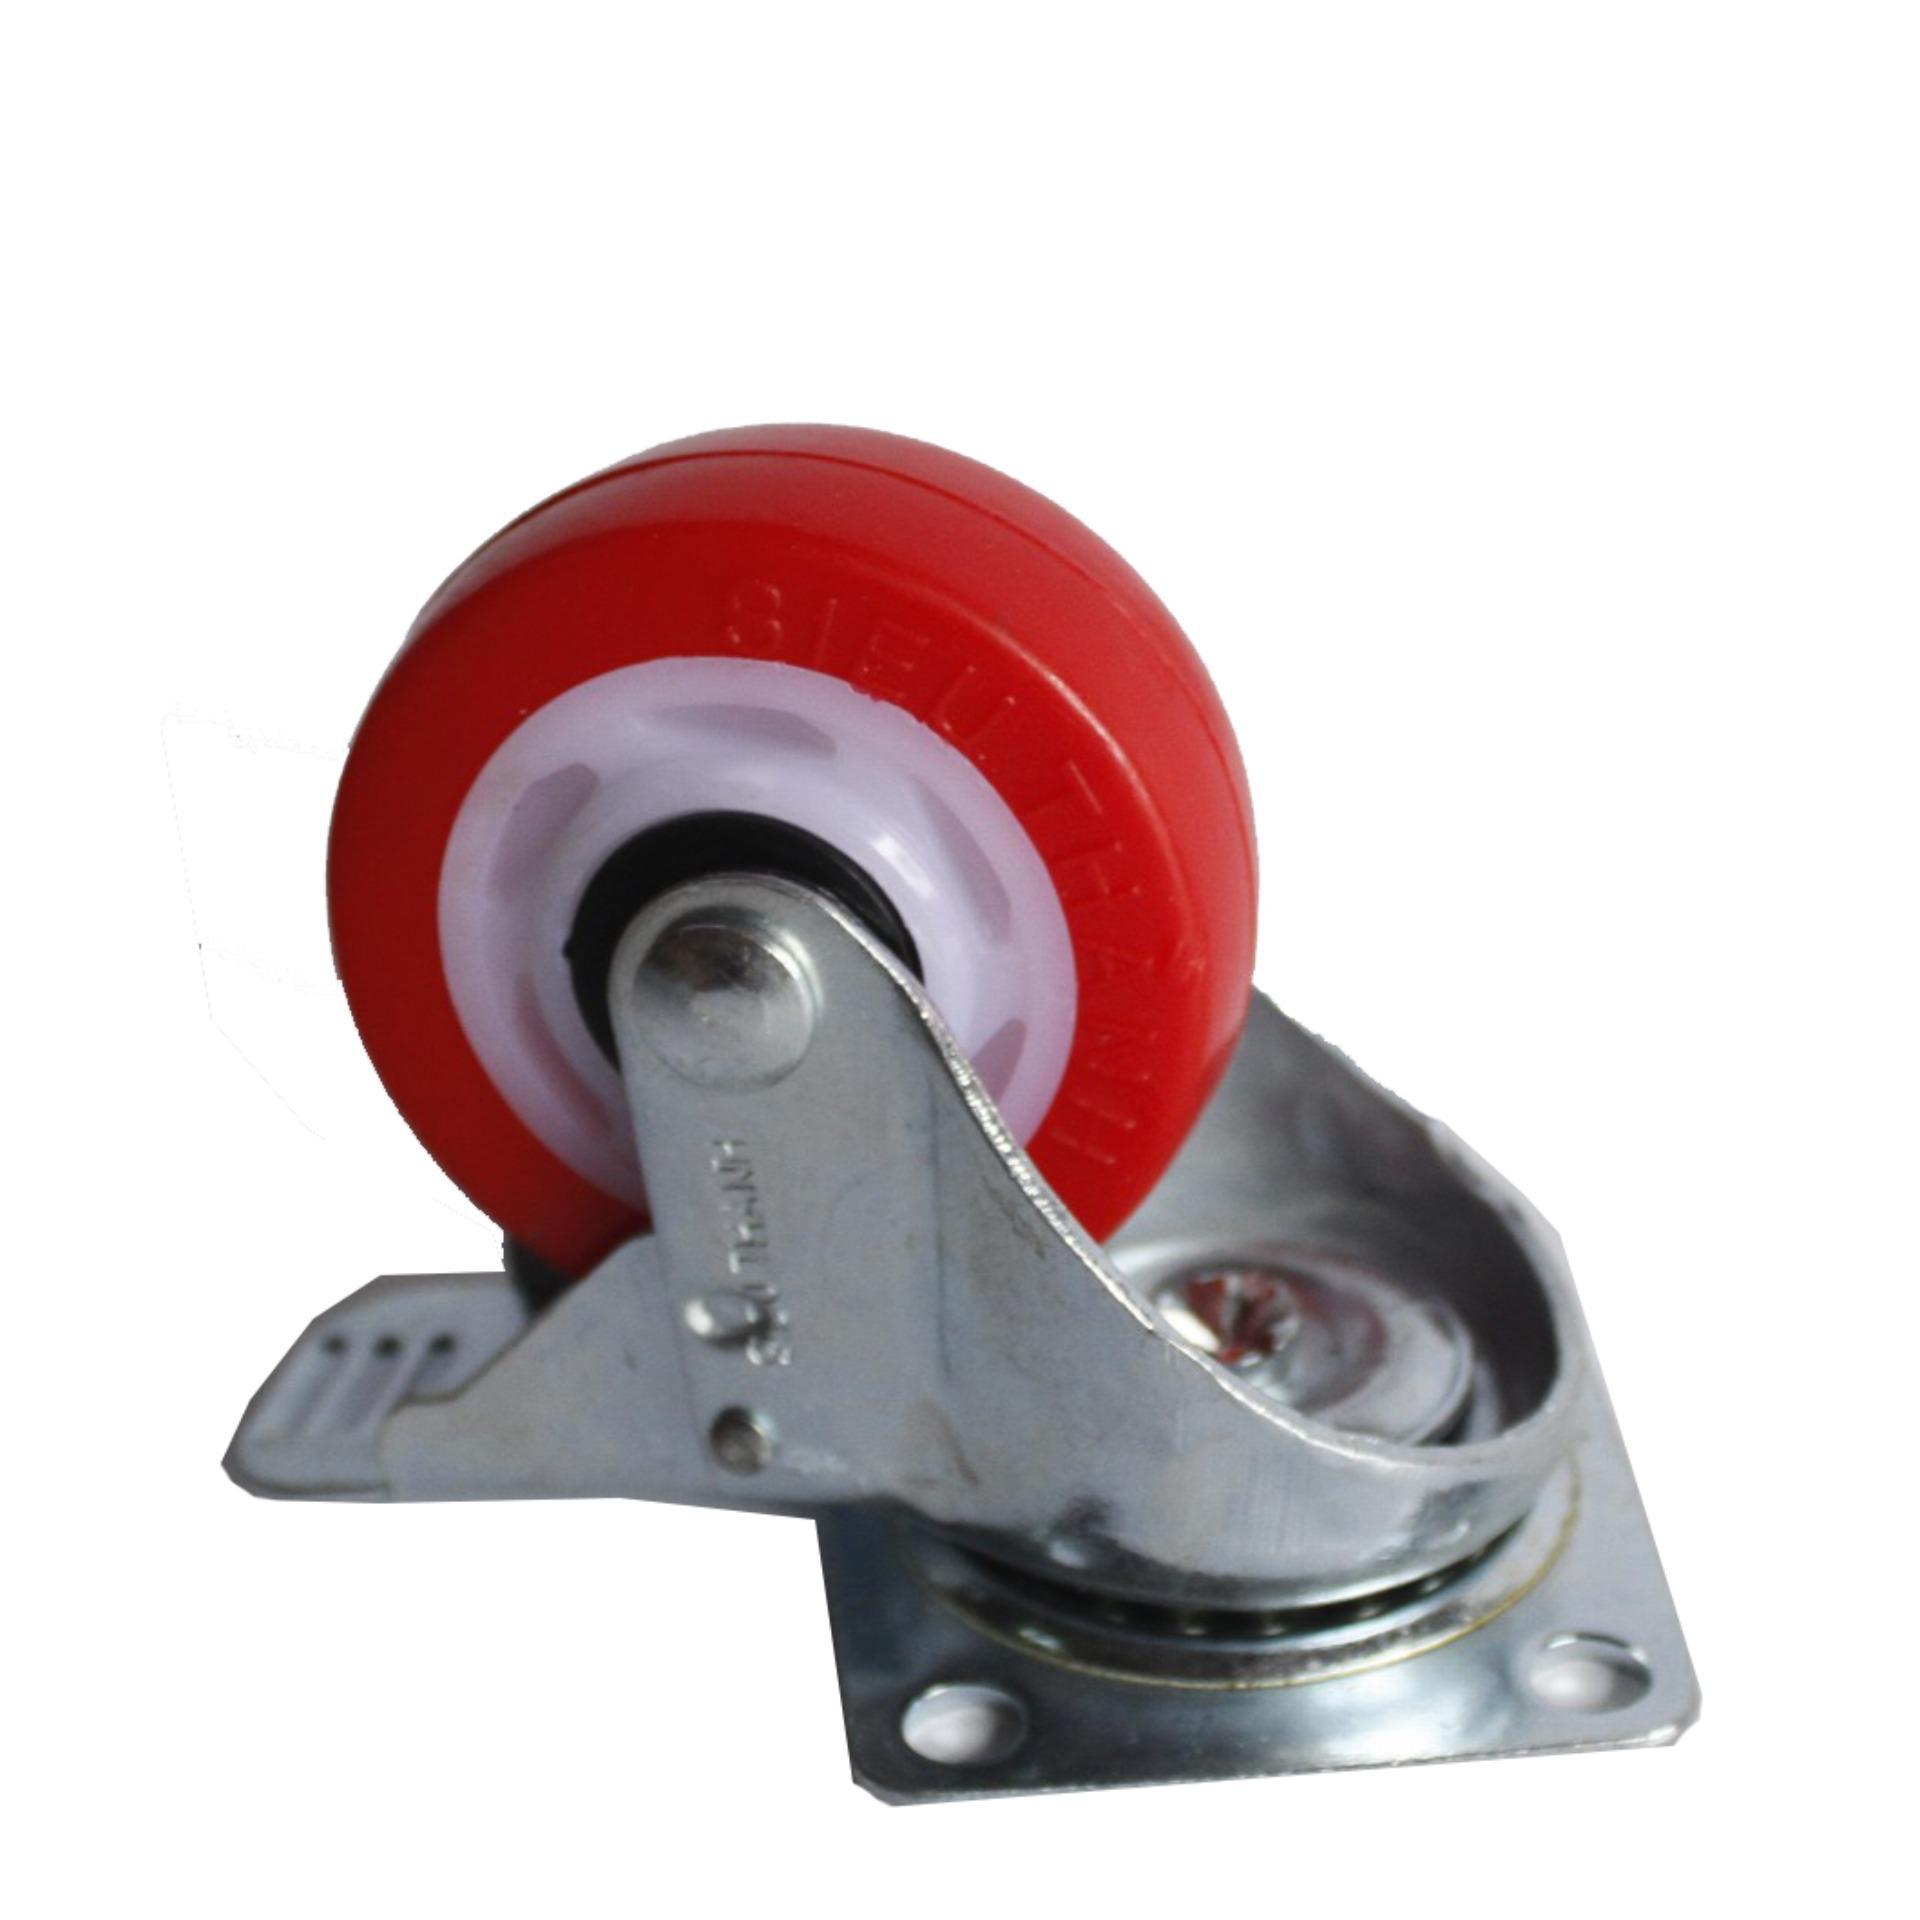 Bánh xe siêu thanh Đỏ 65mm 2 vòng bi có khóa phanh ( Bộ 4 bánh xe )